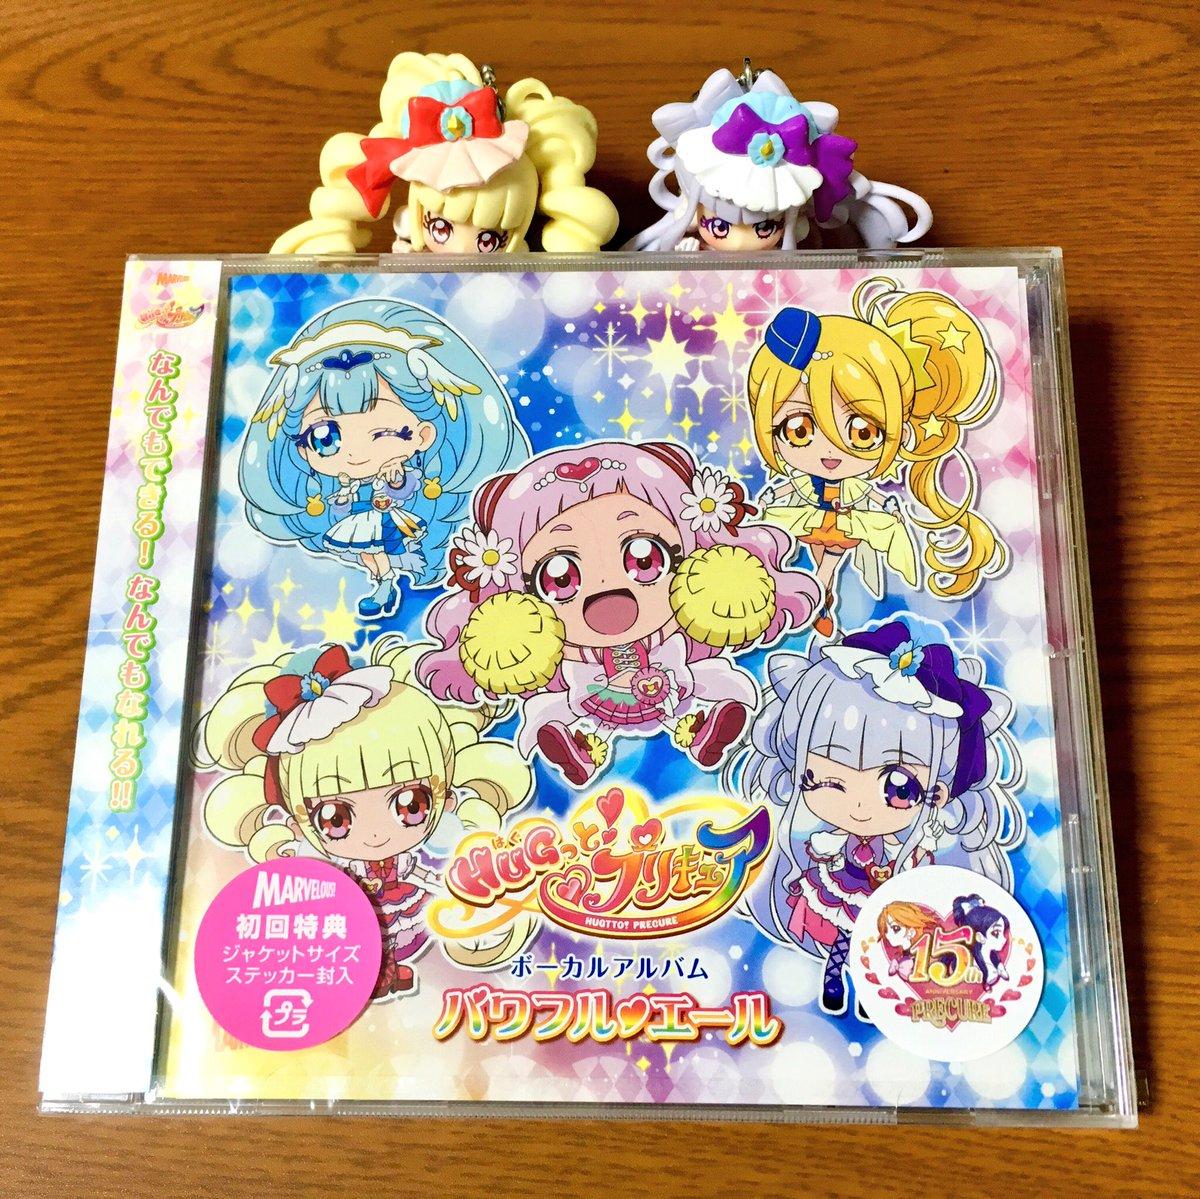 HUGっと! プリキュアボーカルアルバムパワフル♥エールに関する画像12